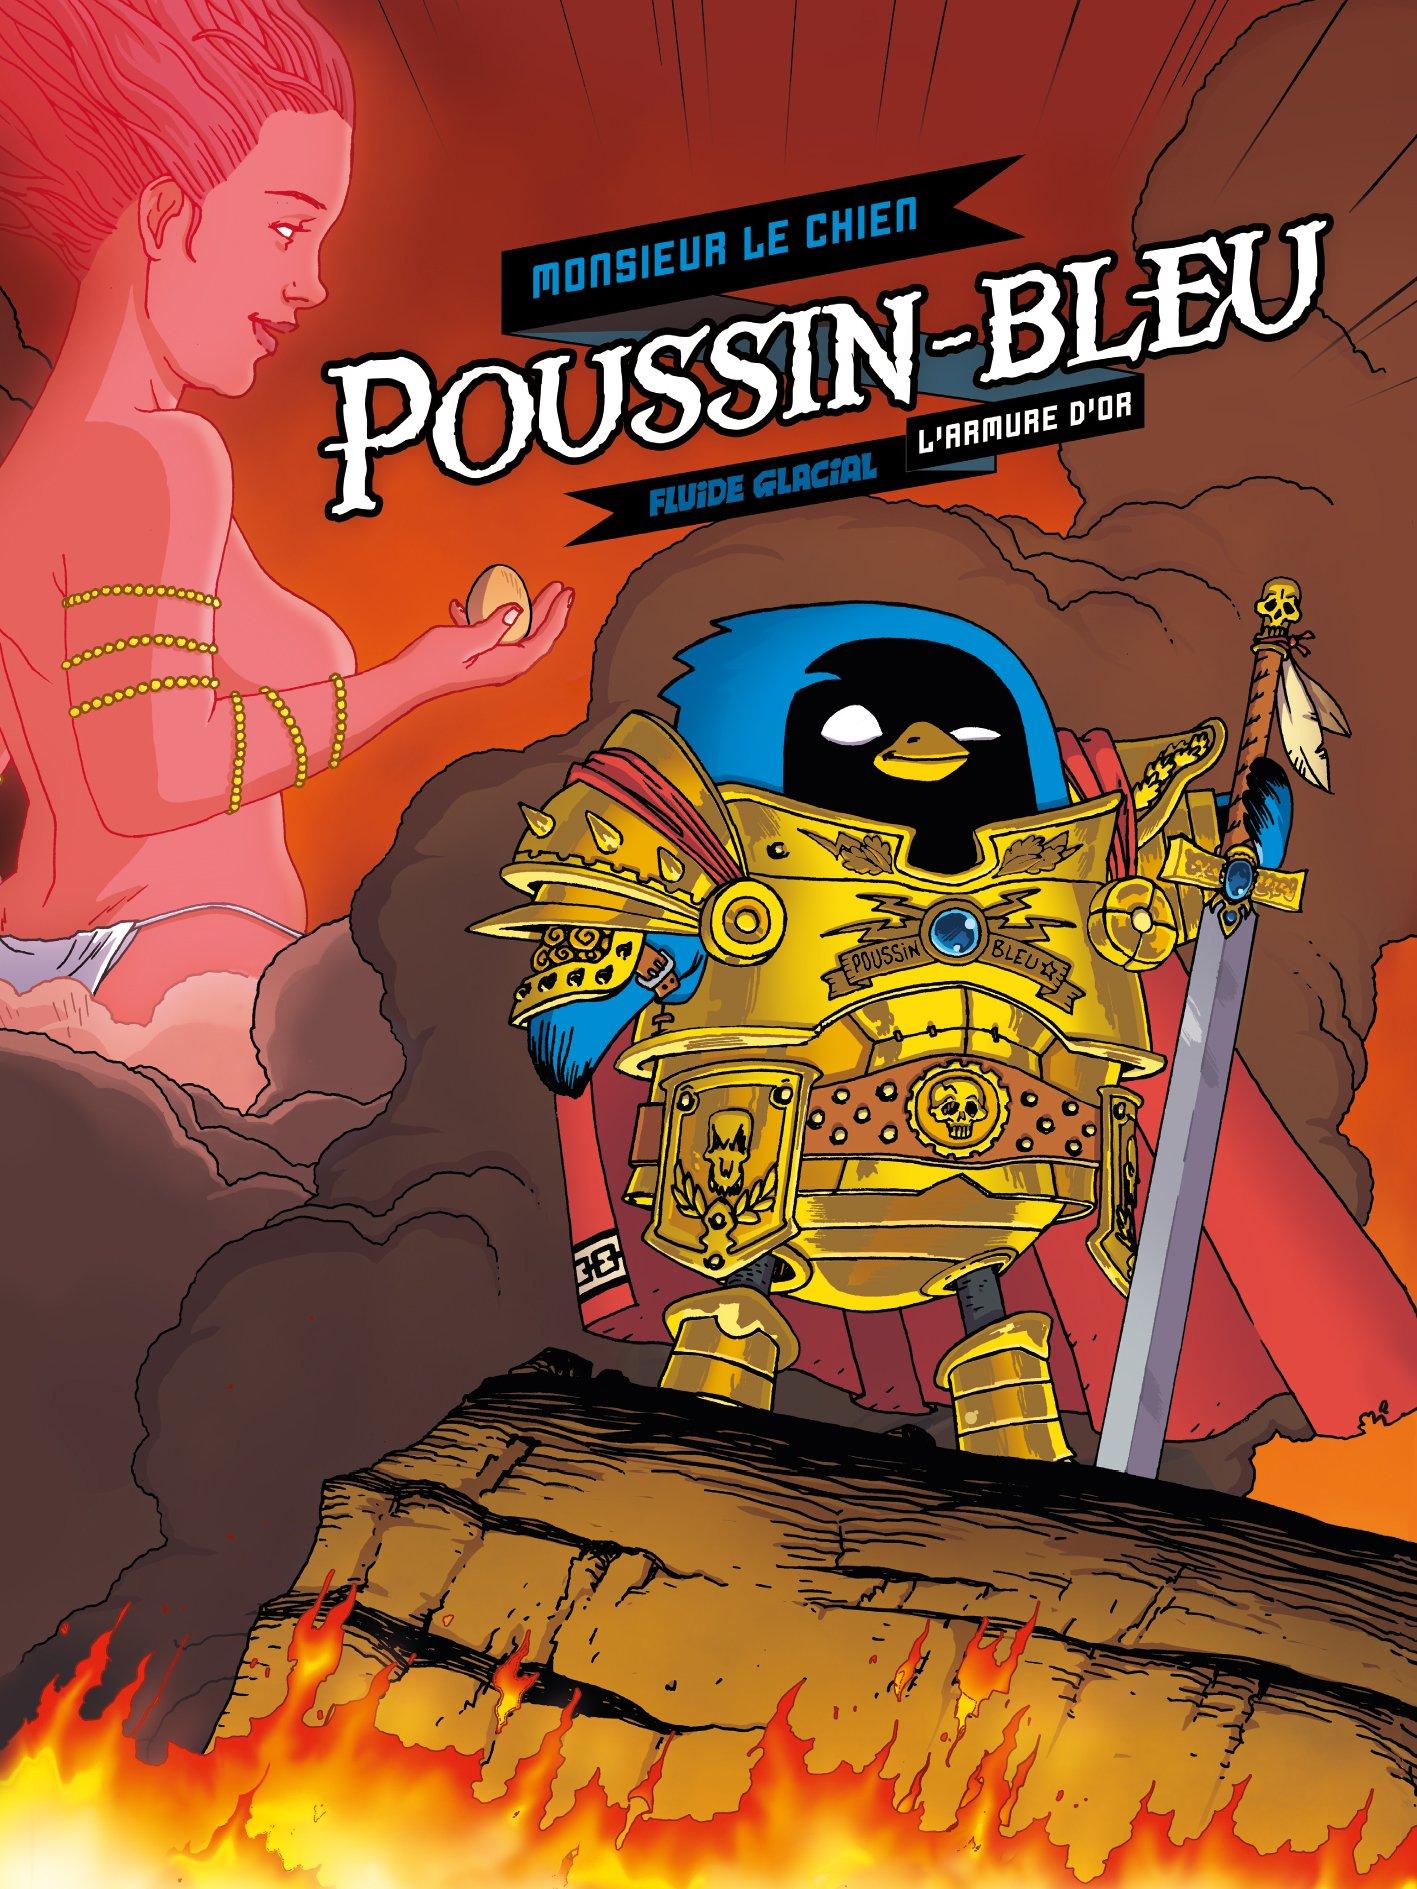 poussin-bleu-01